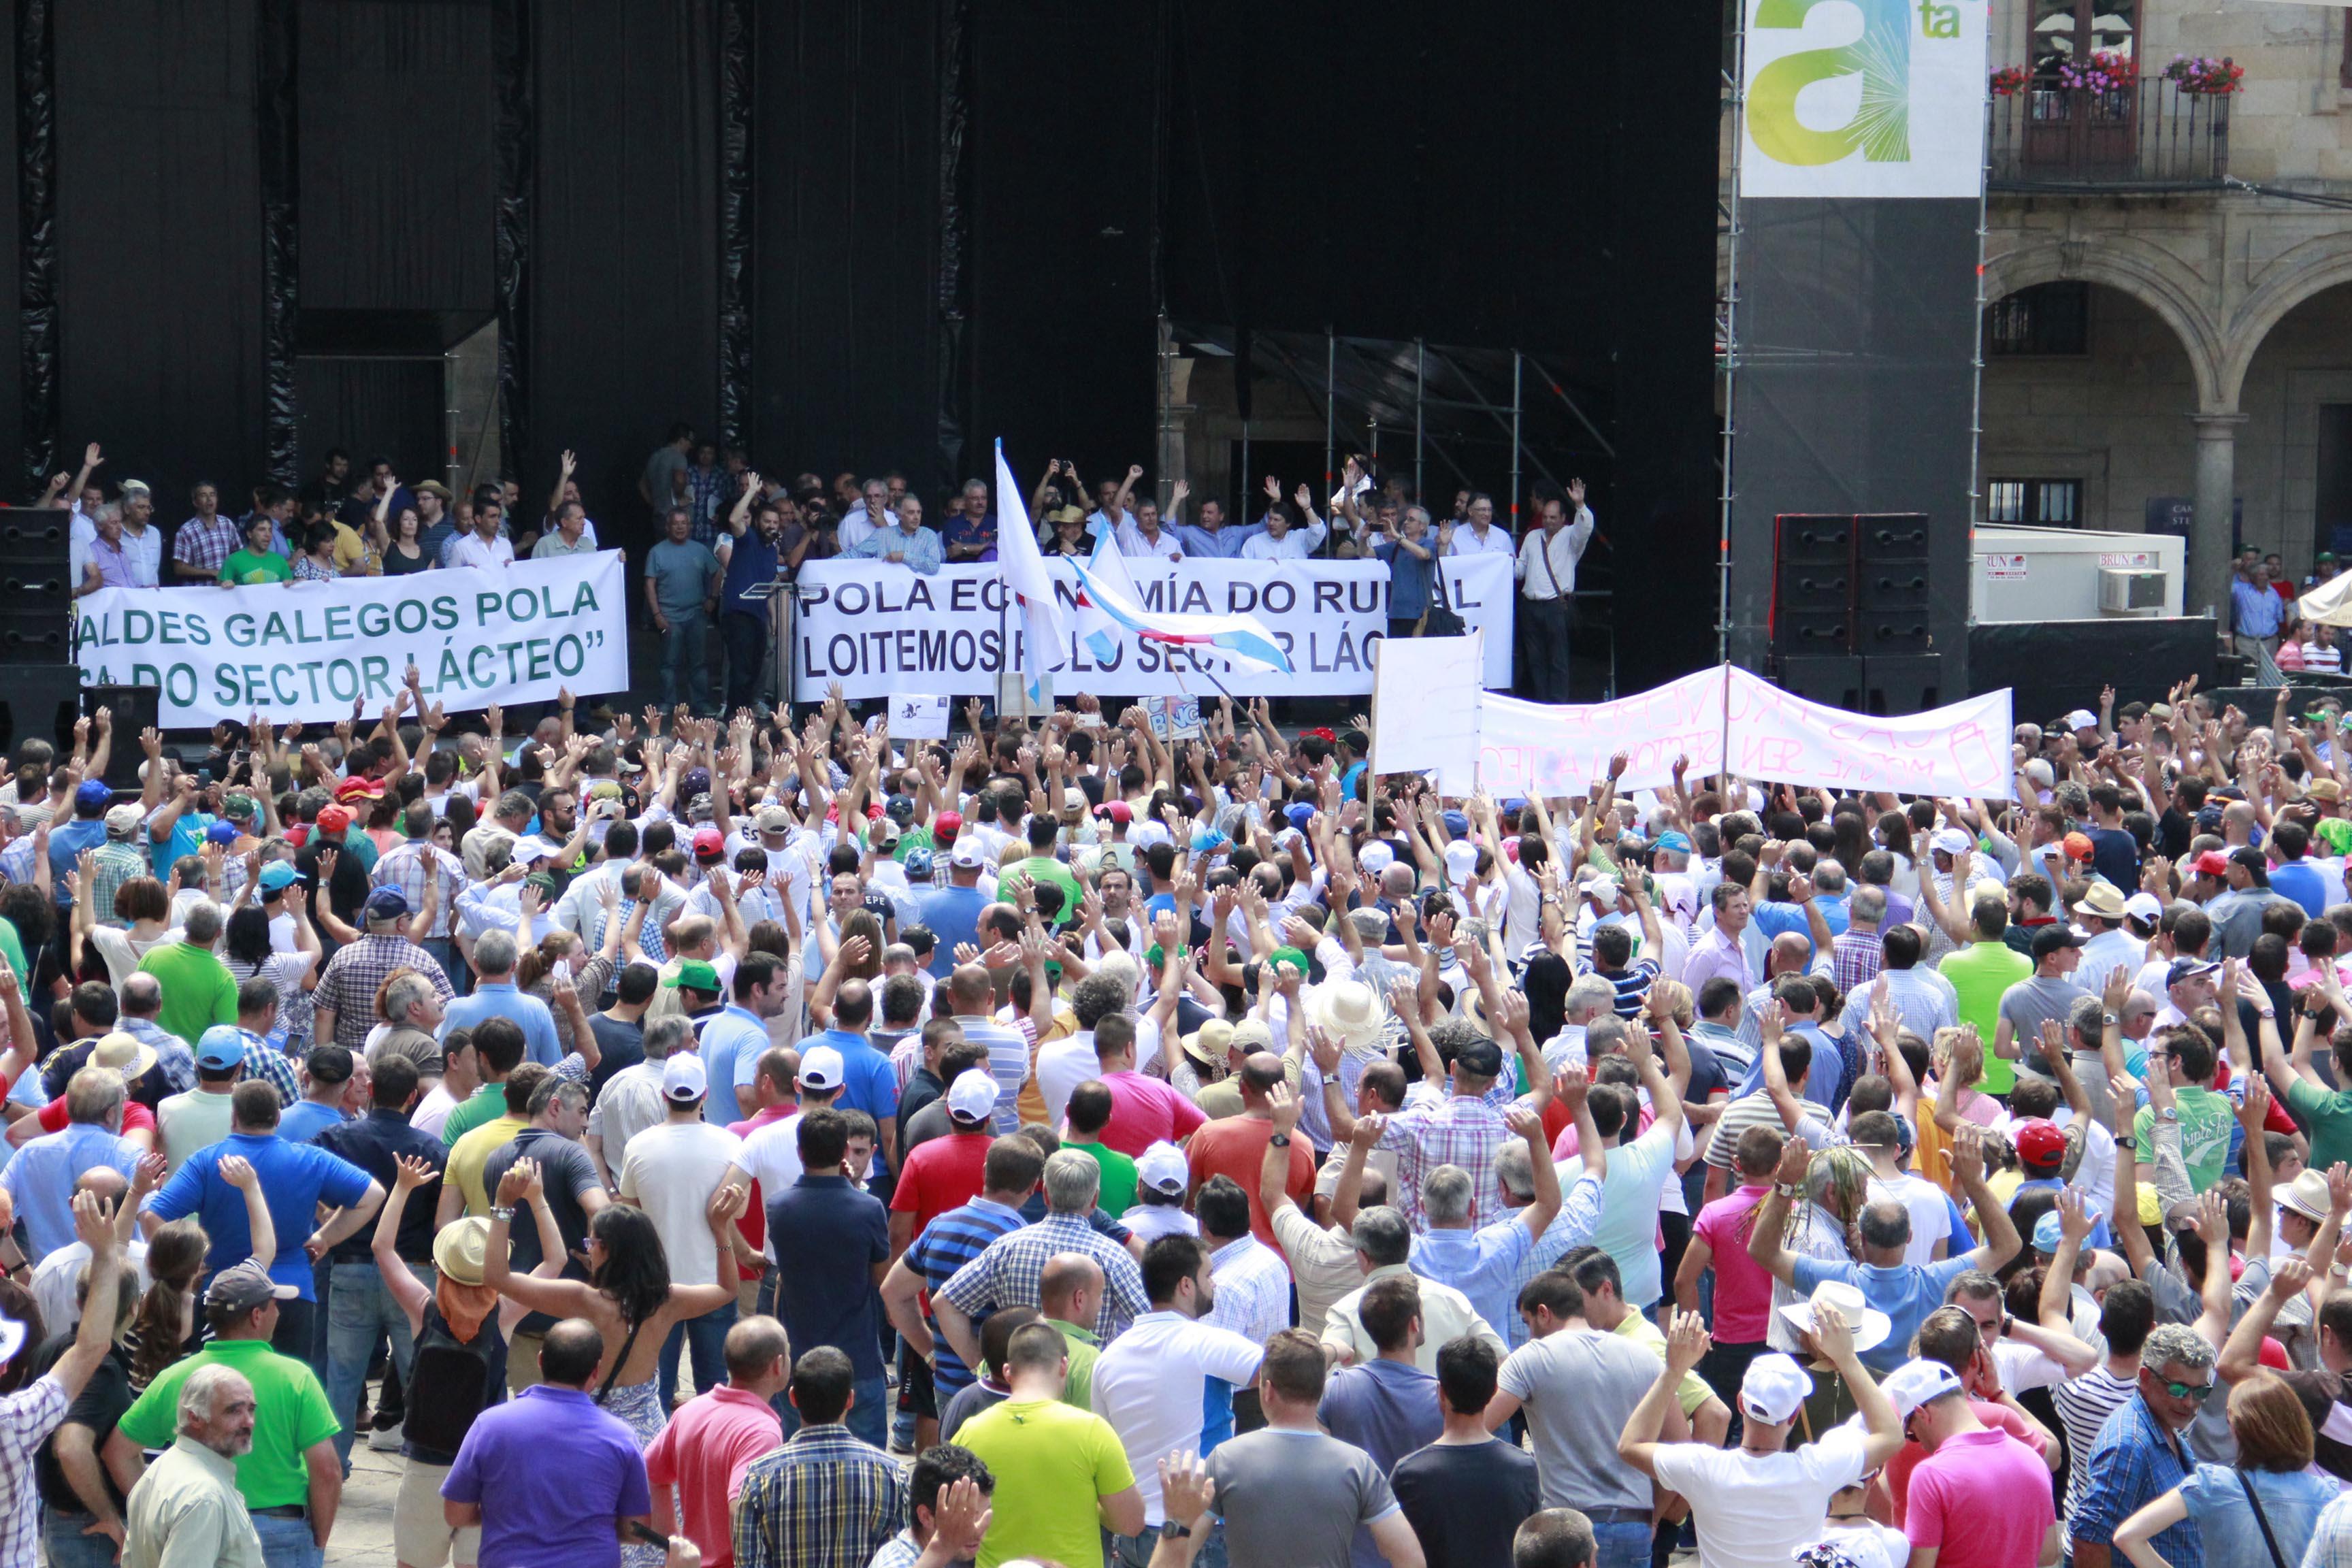 60 cooperativas ganaderas de AGACA participaron en la manifestación del sector lácteo